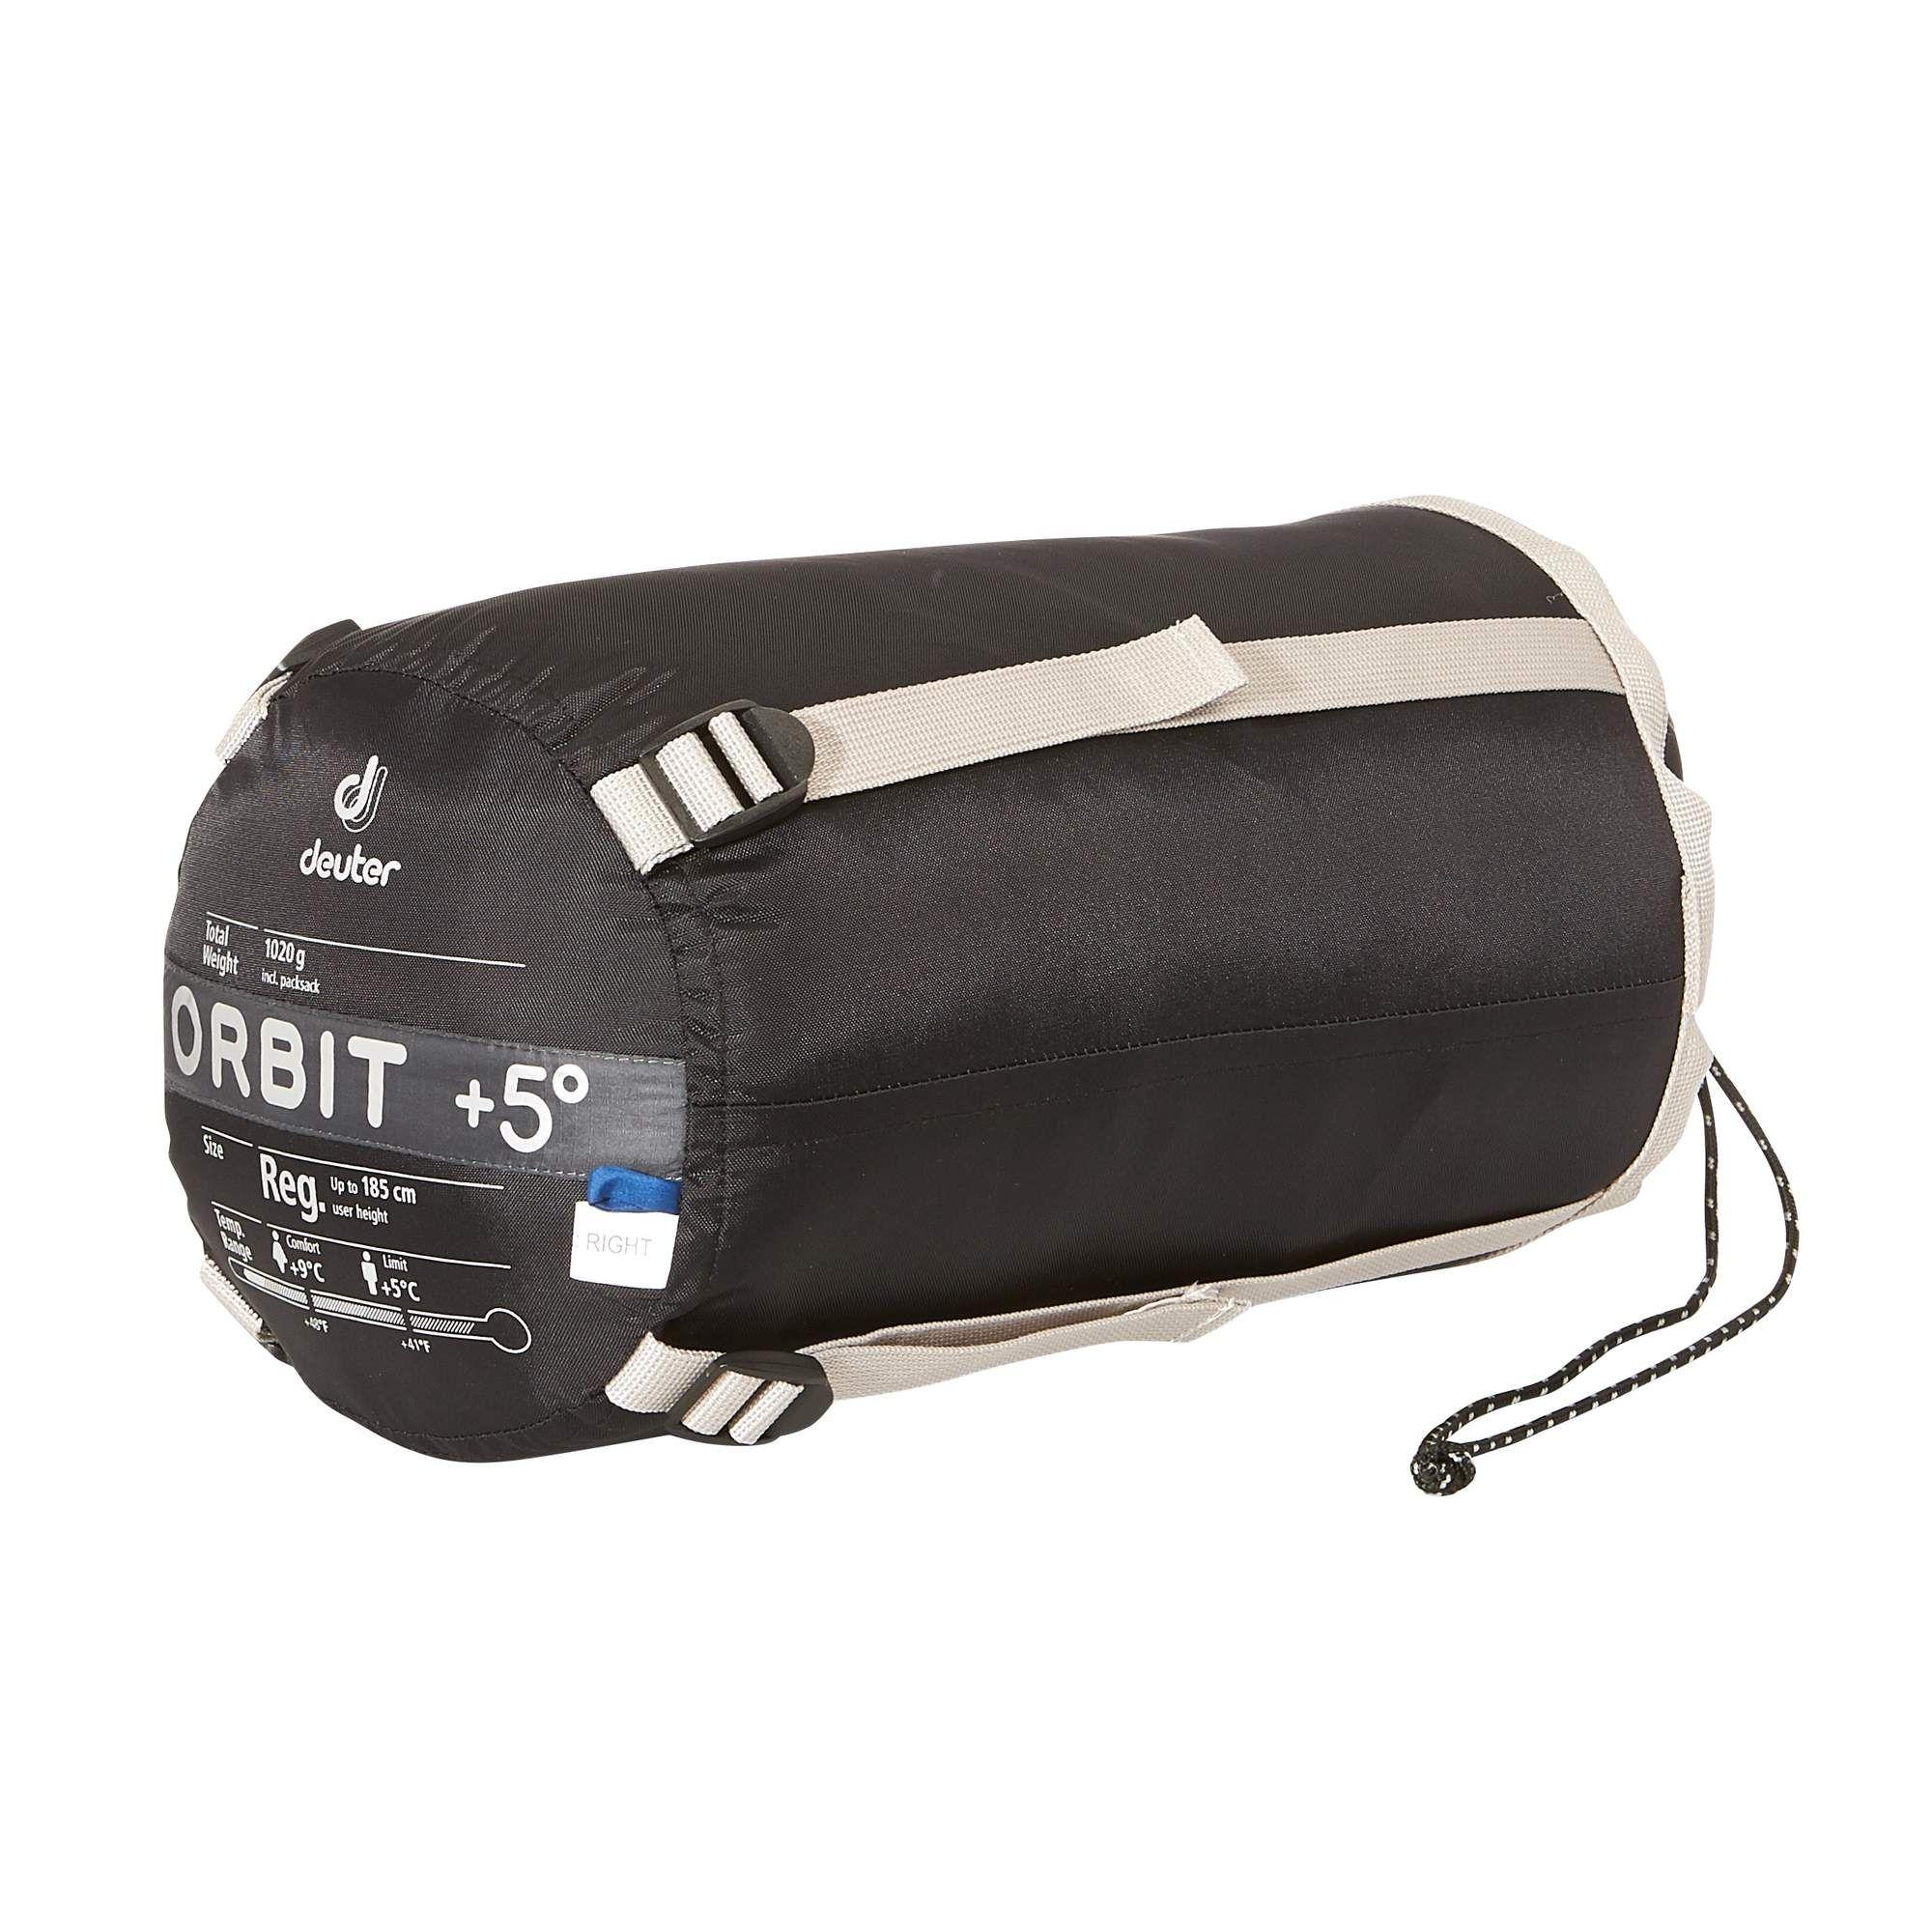 Спальный мешок Deuter Orbit +5° - фото 2